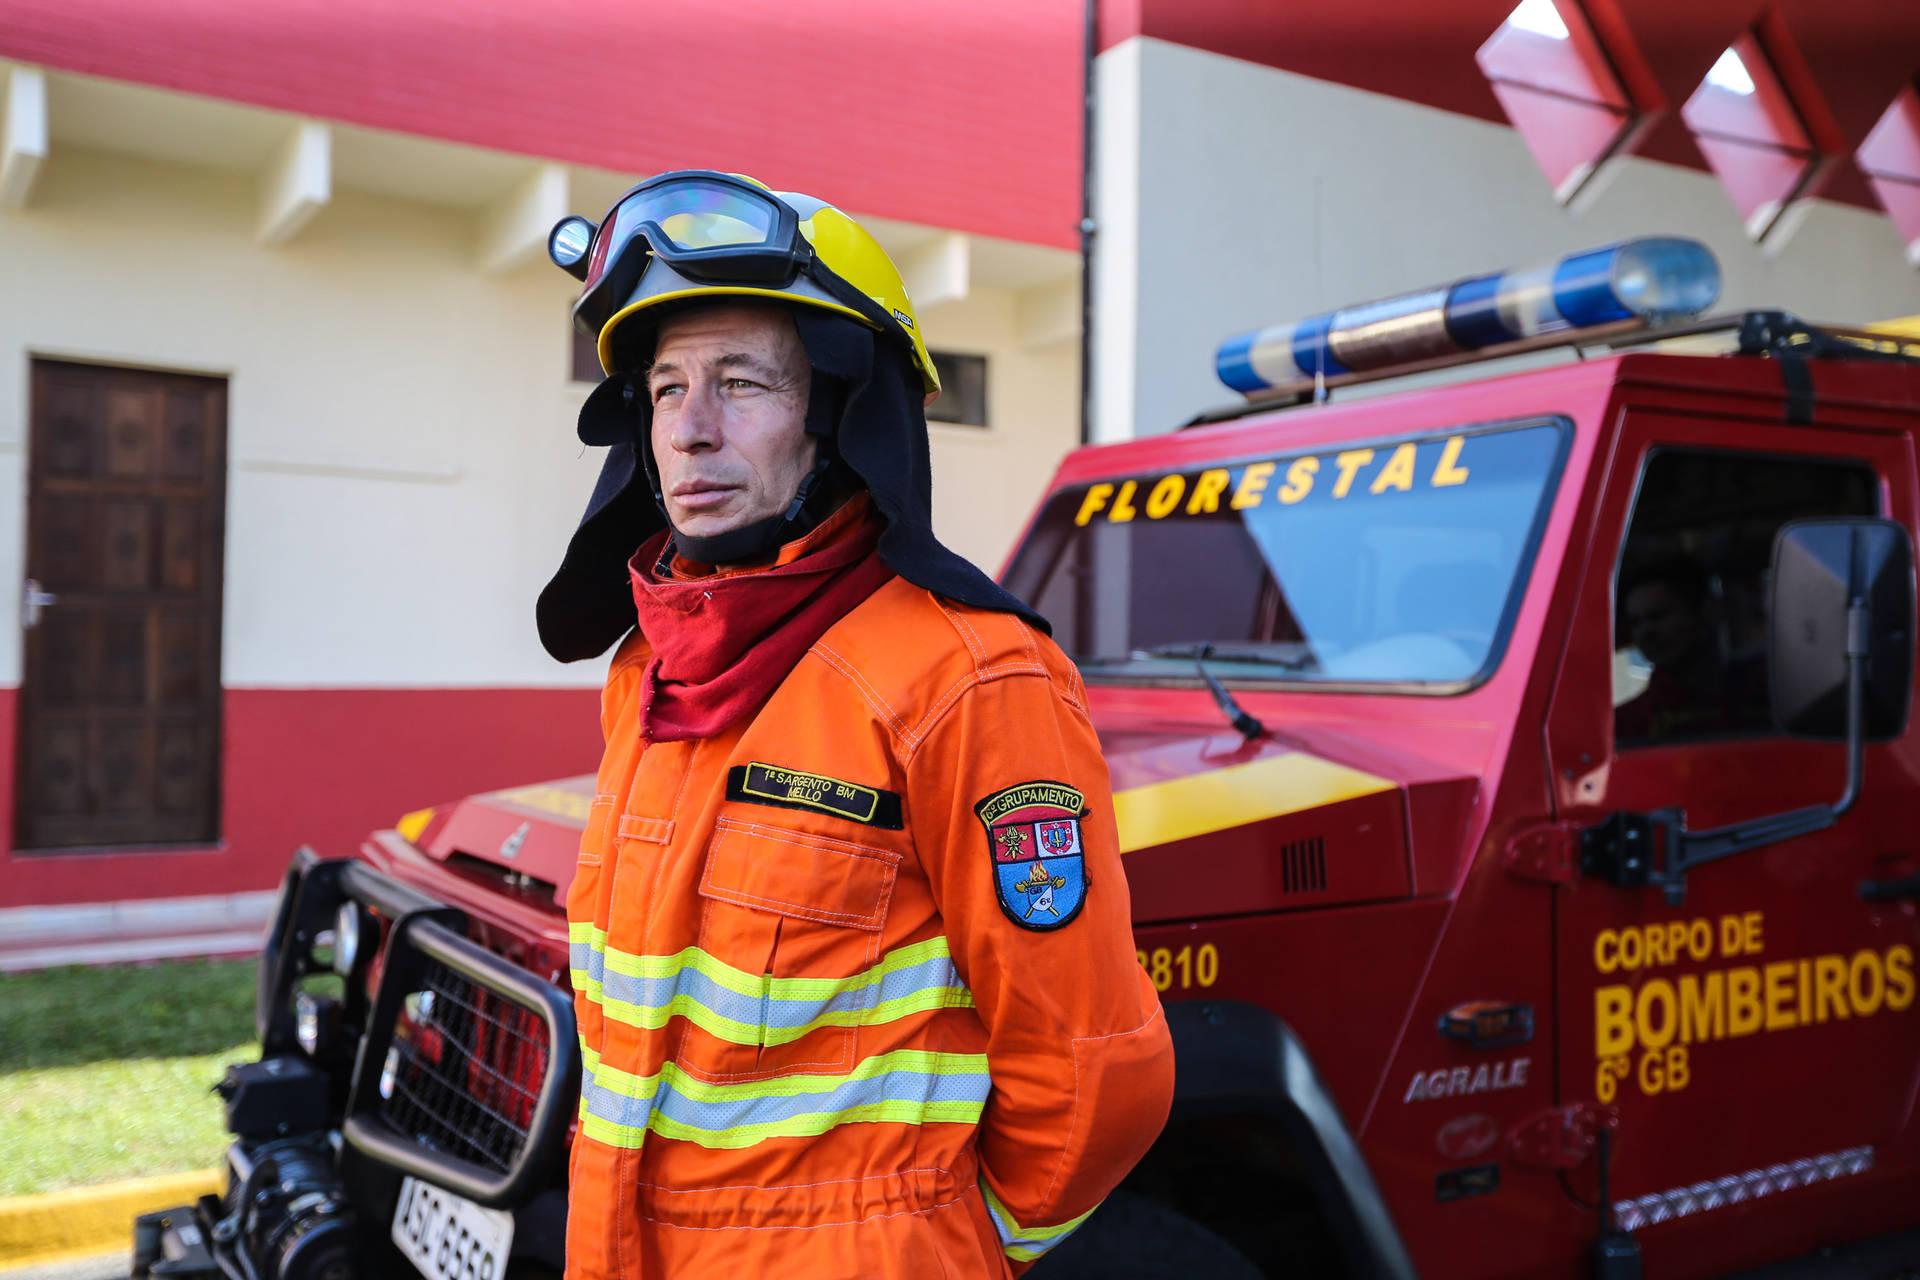 Governador libera bombeiros para combate a queimadas na Região Amazônica